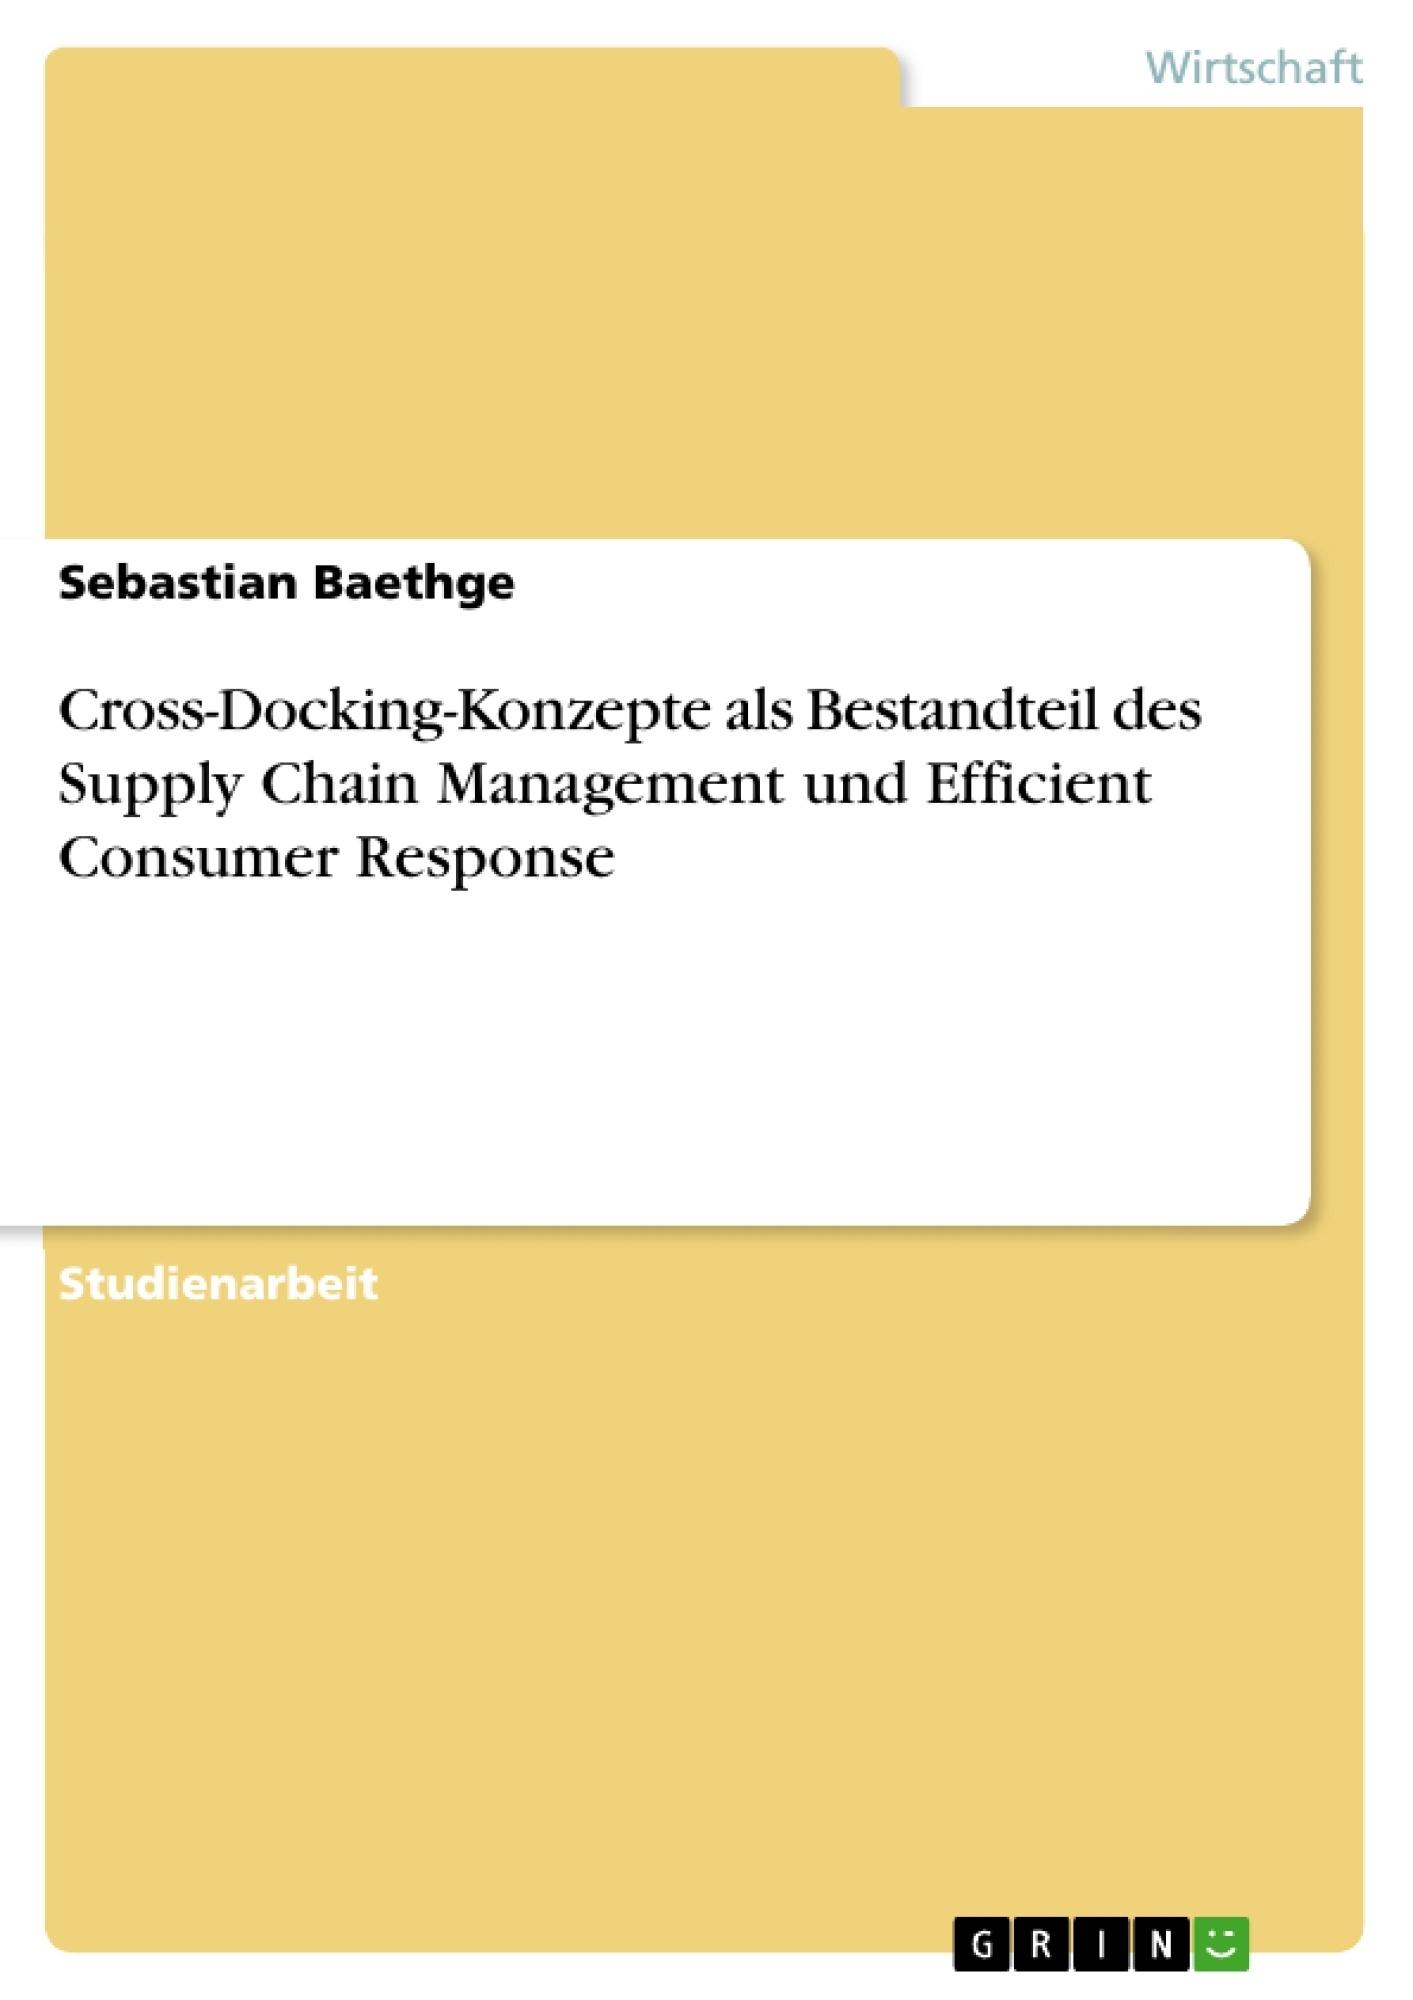 Titel: Cross-Docking-Konzepte als Bestandteil des Supply Chain Management und Efficient Consumer Response